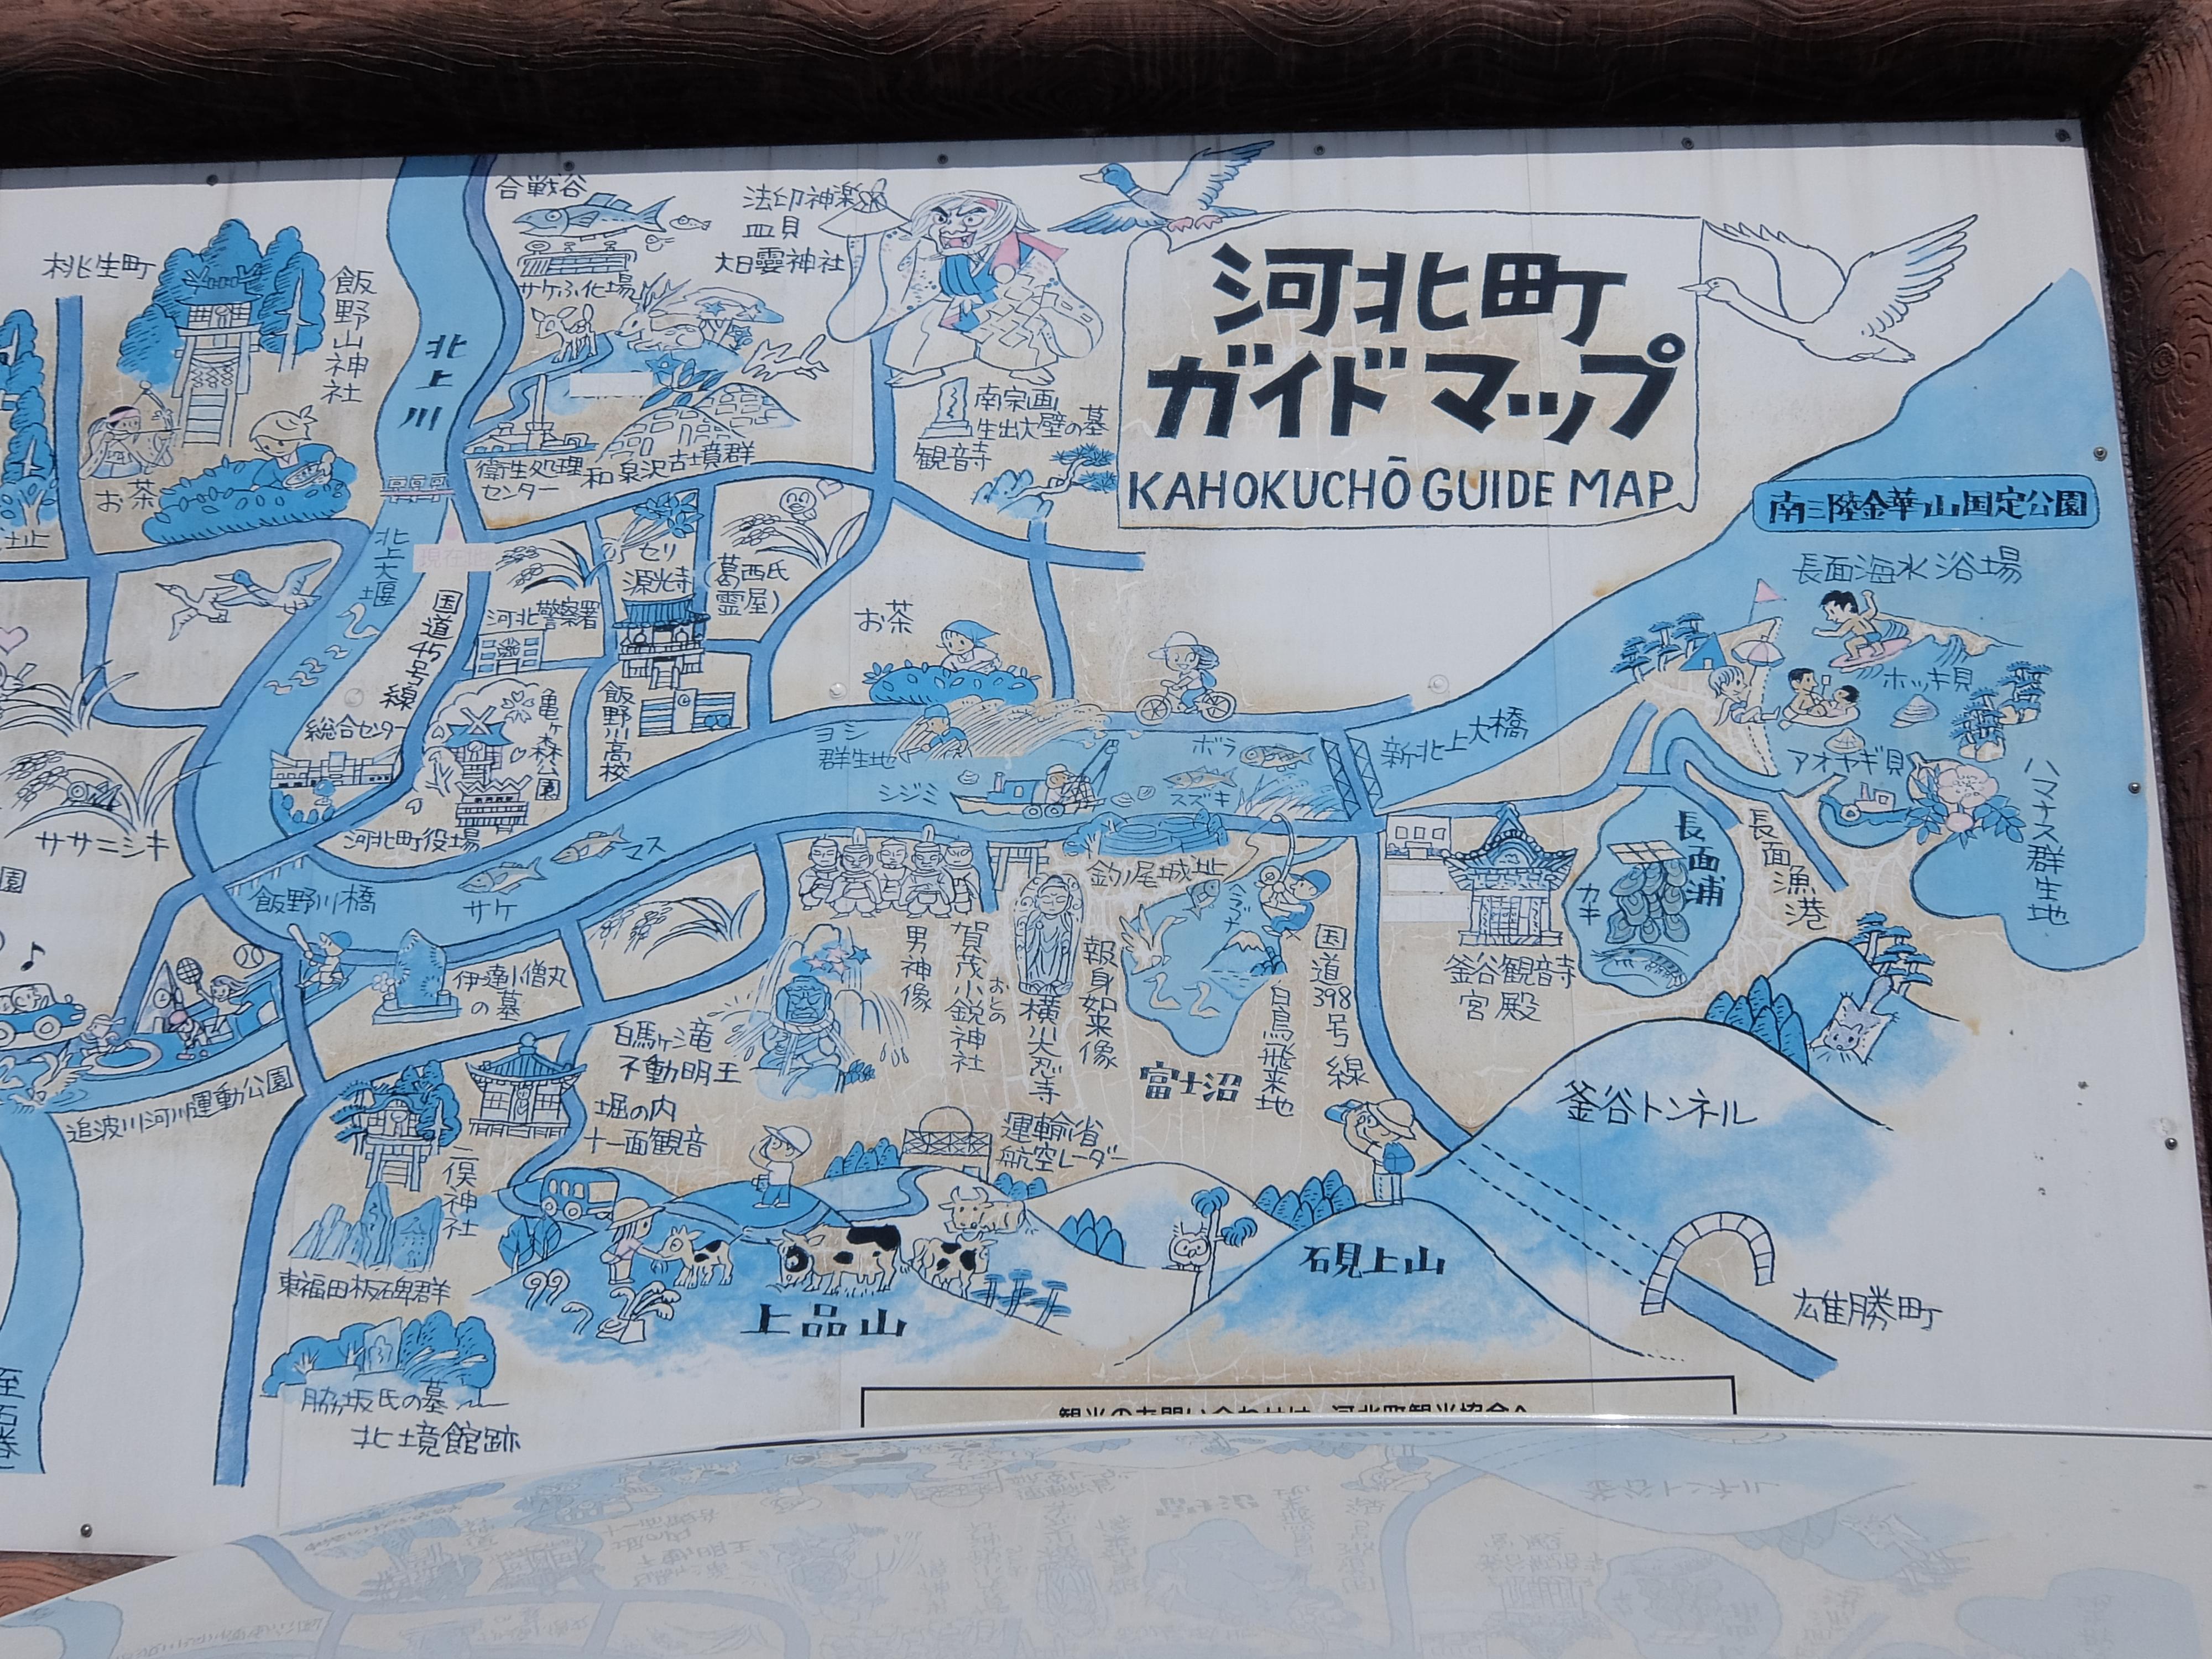 河北町 ガイド マップ